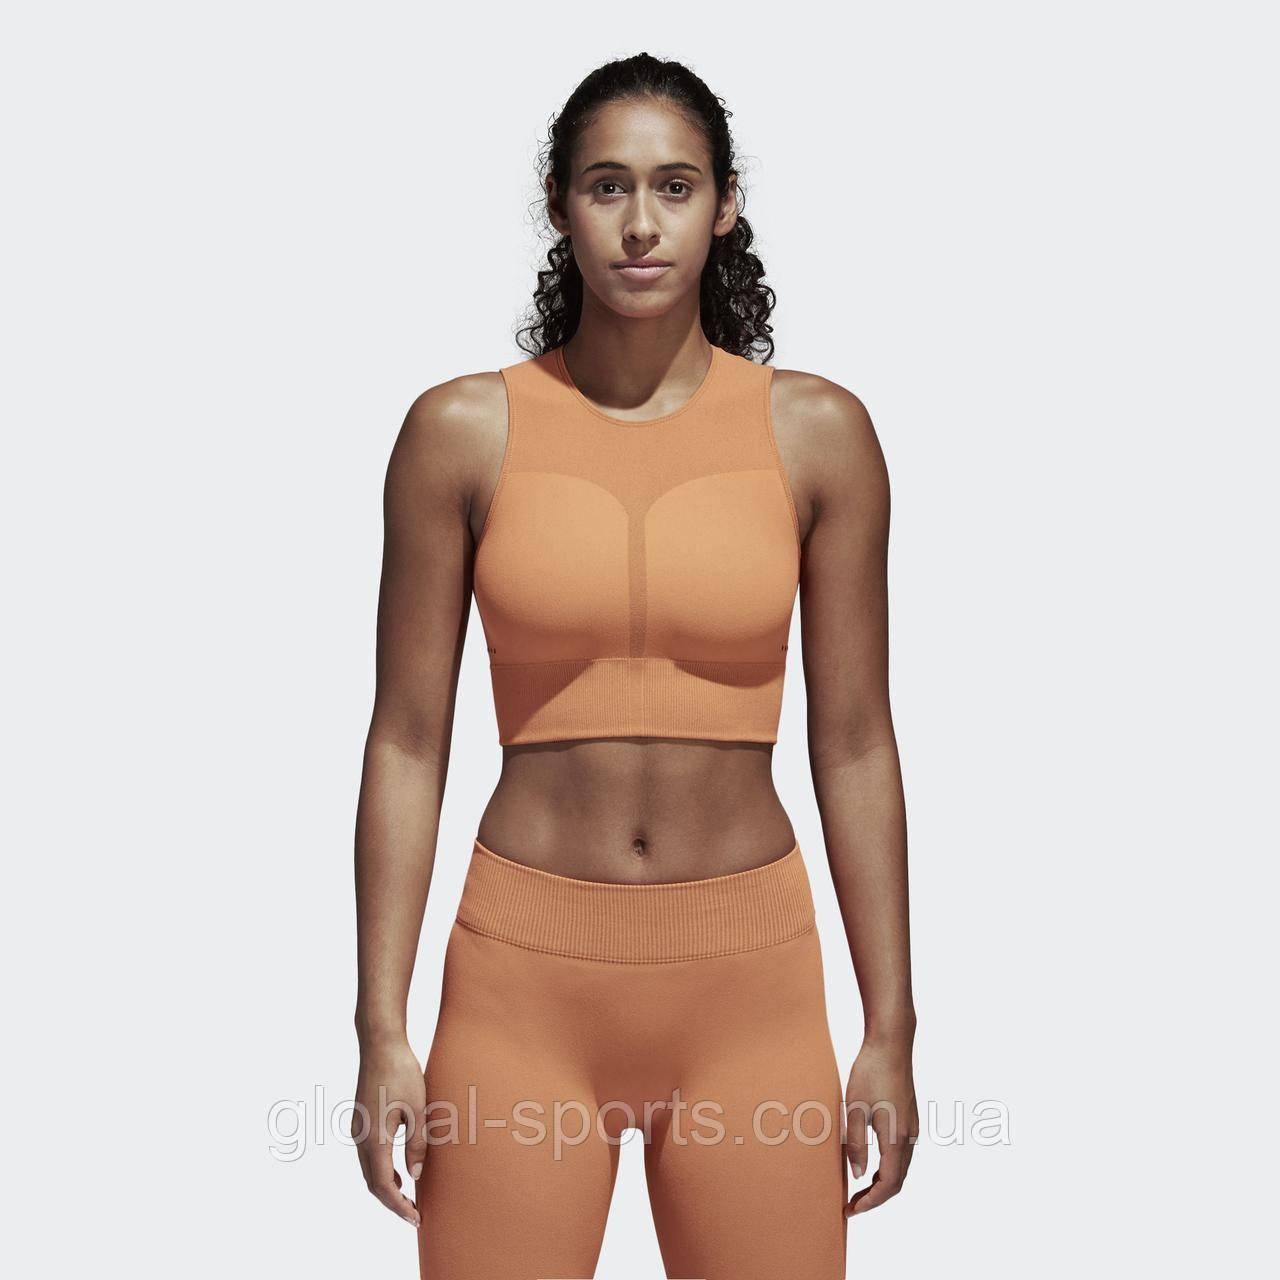 Жіночий топ Adidas Performance Warp Knit (Артикул: CD3096)